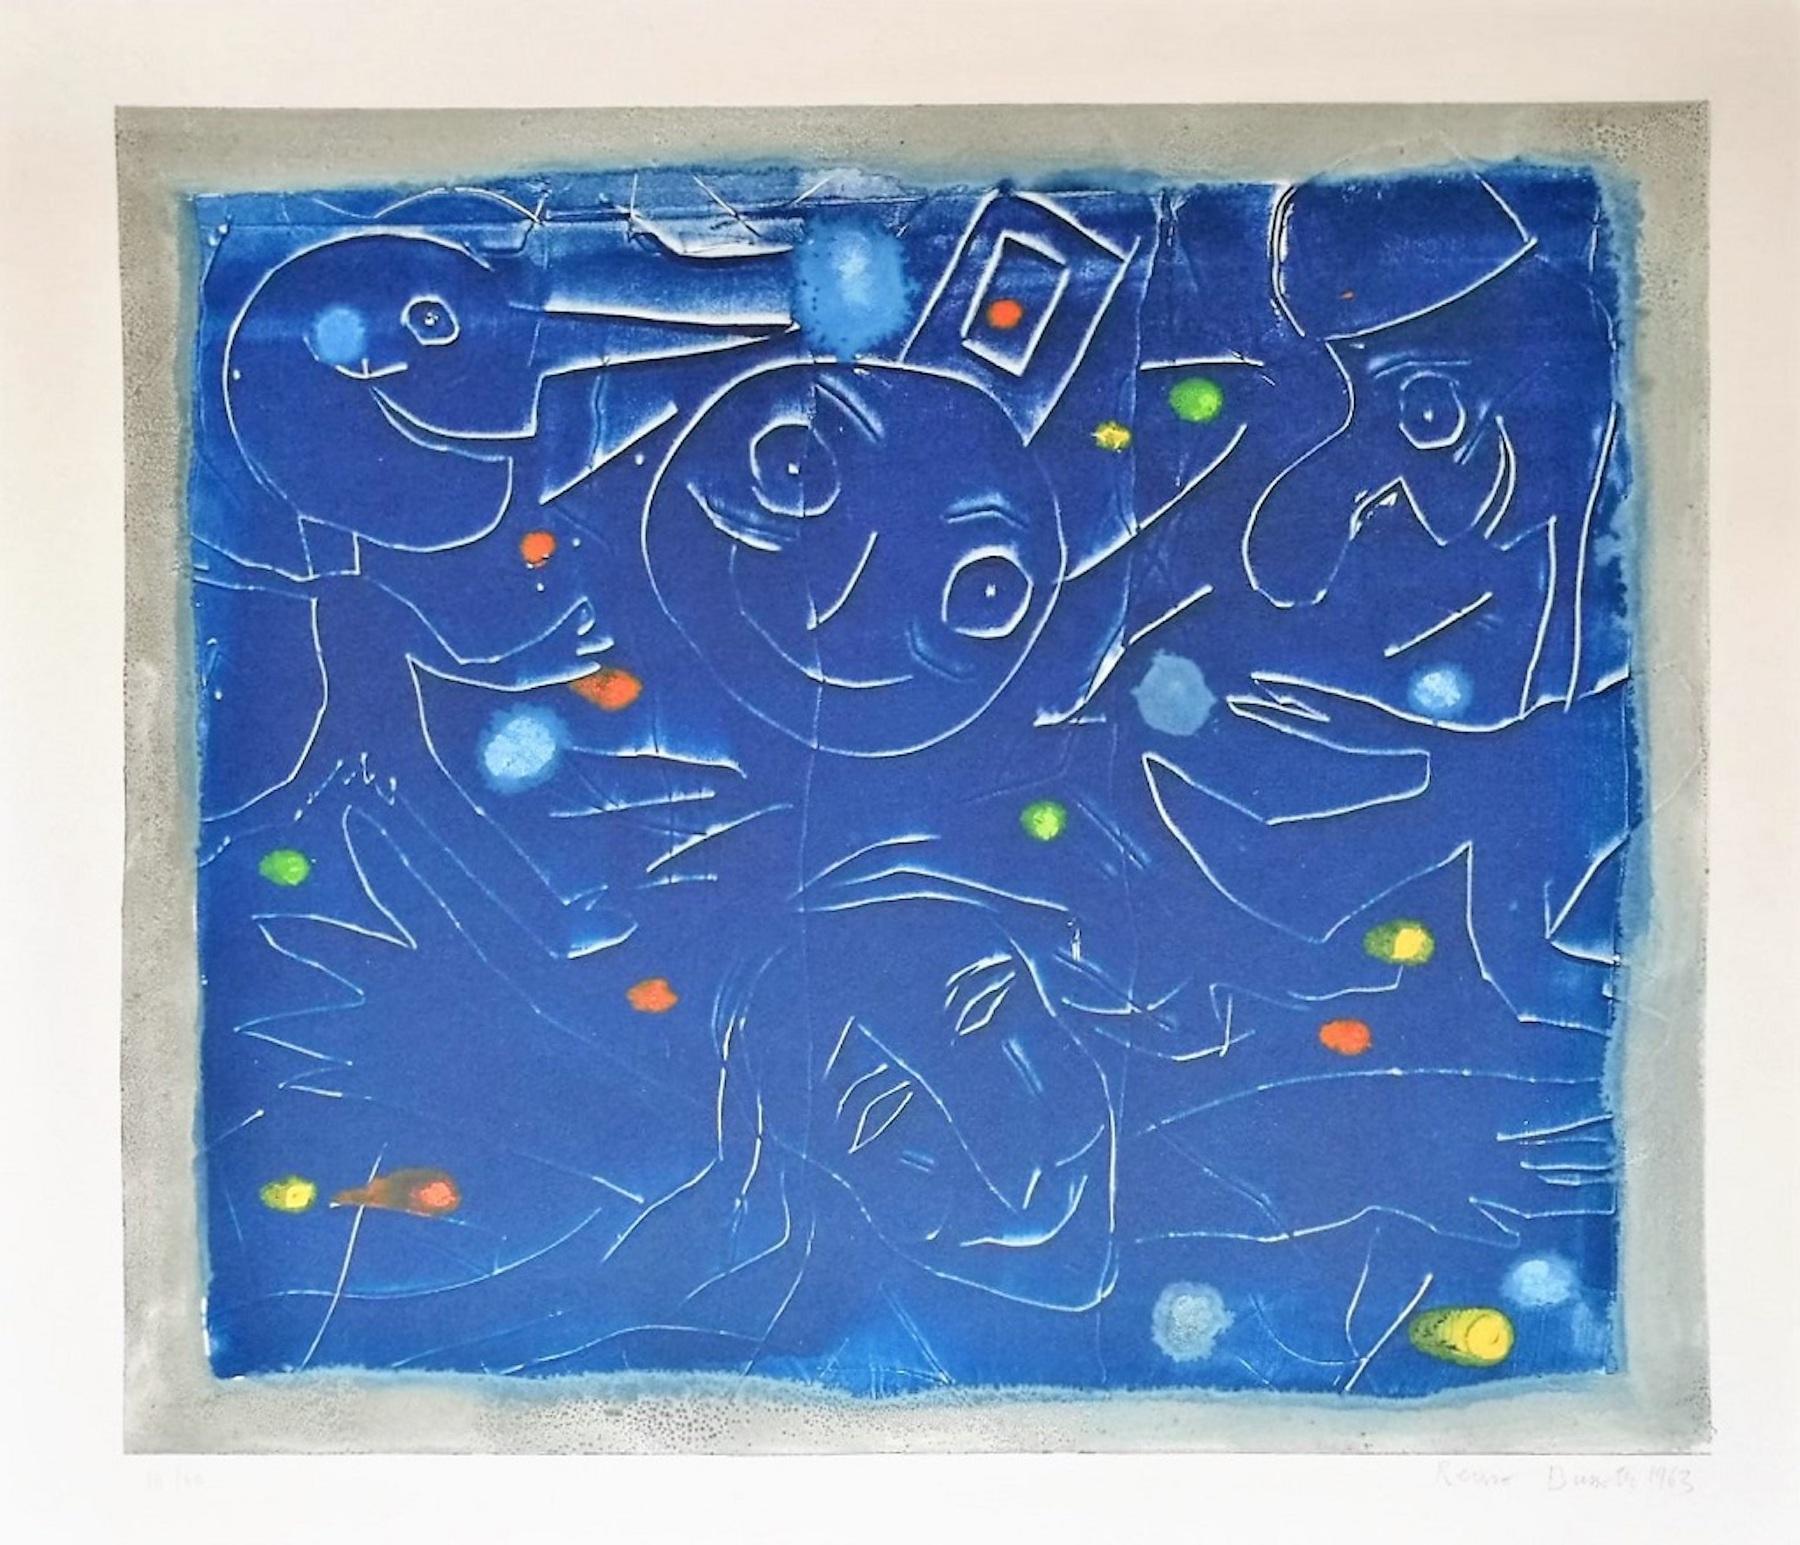 Joy - Original Lithograph by Renzo Bussotti - 1963